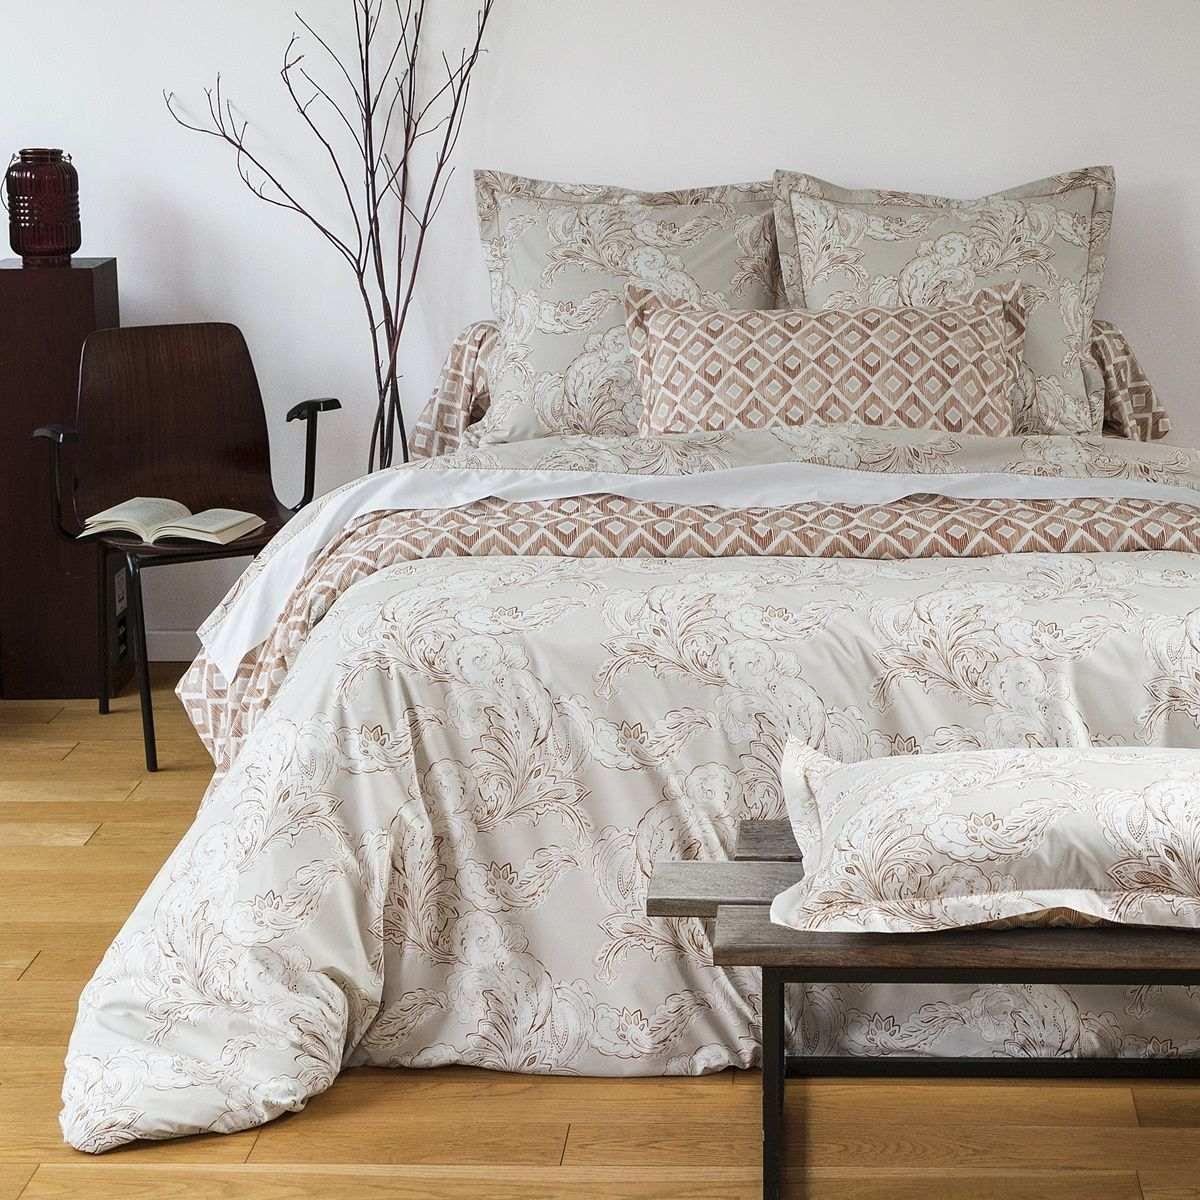 housse couette cachemire linge de lit percale. Black Bedroom Furniture Sets. Home Design Ideas